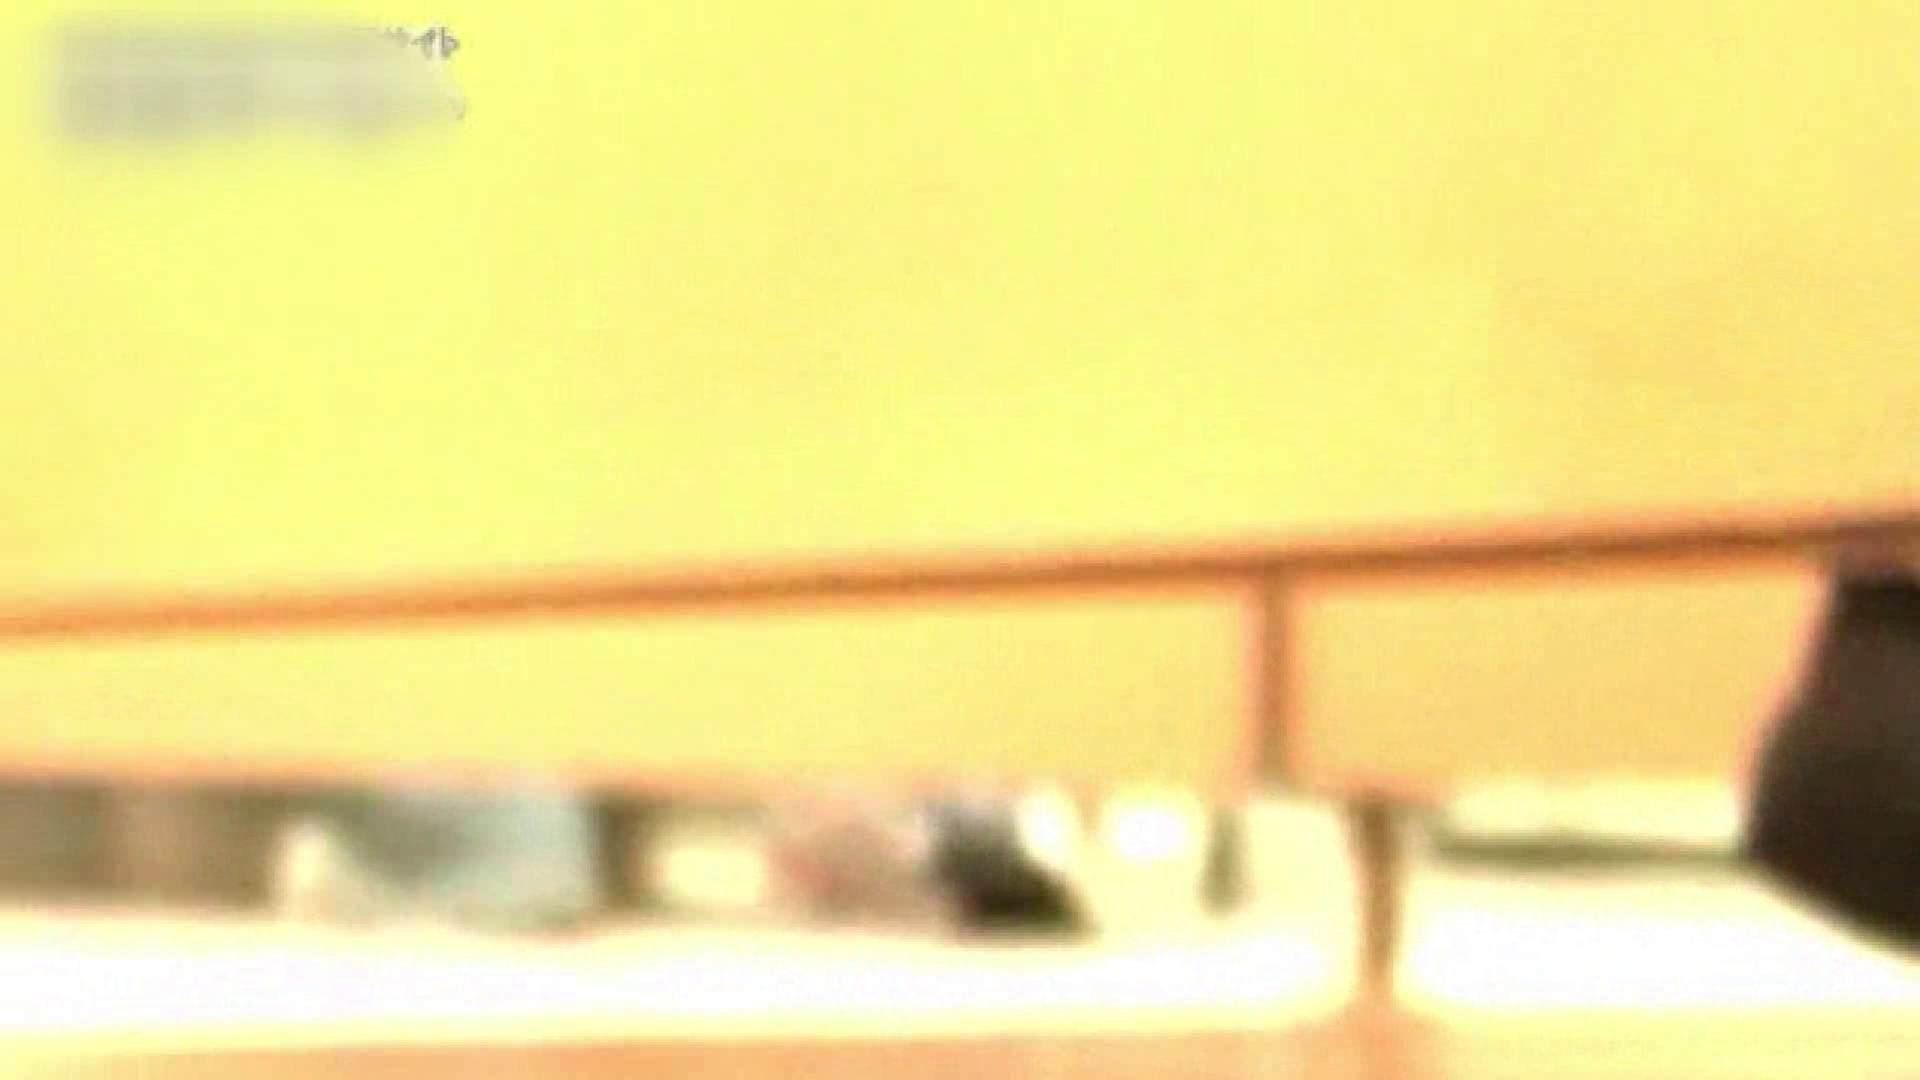 ロックハンドさんの盗撮記録File.54 モロだしオマンコ すけべAV動画紹介 94pic 69